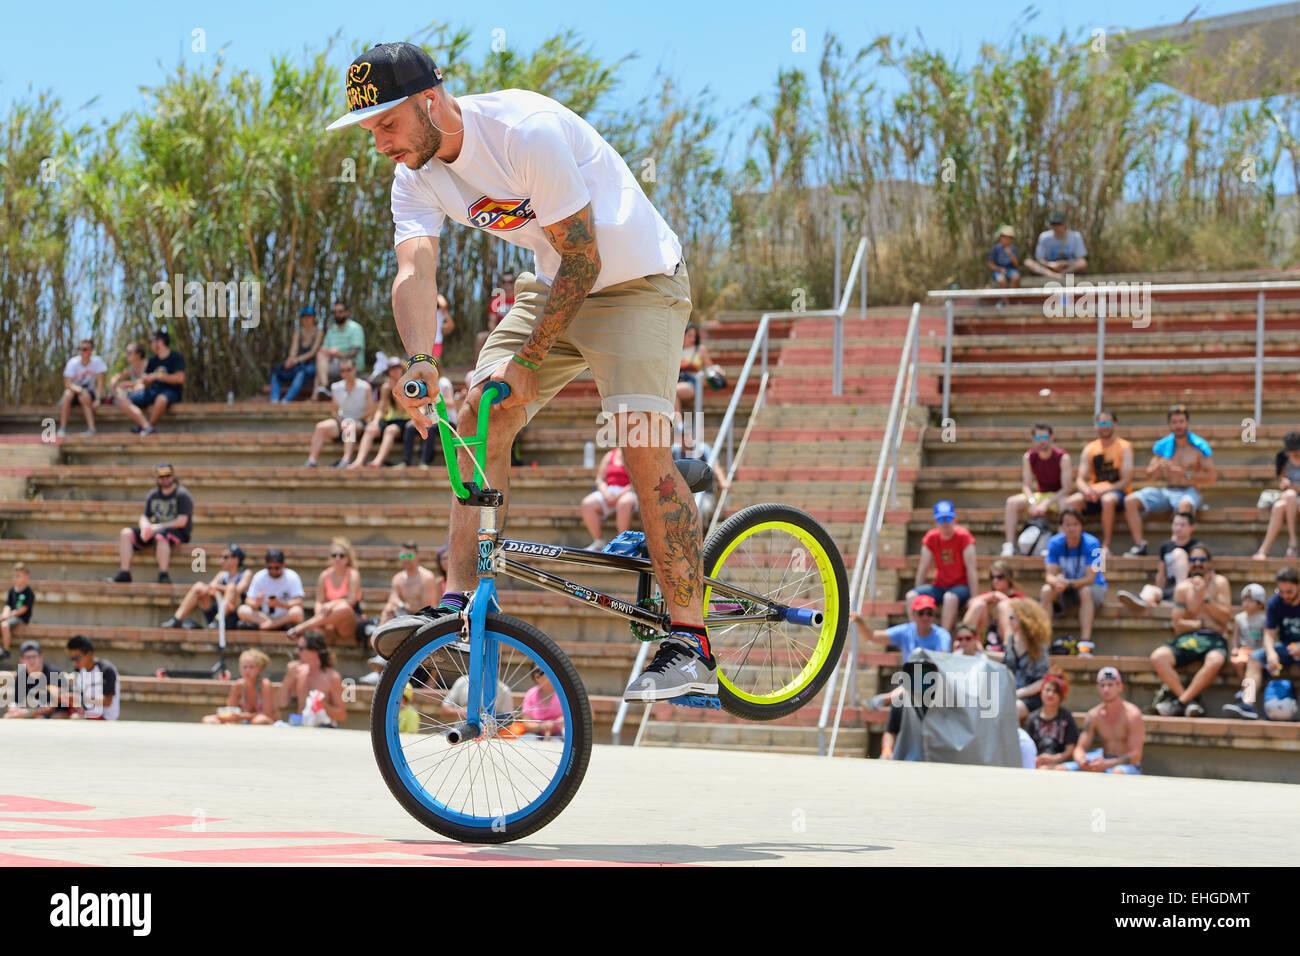 Barcellona - 28 giugno: un pilota professionista presso la BMX (bicicletta motocross) Flatland concorrenza a LKXA Immagini Stock